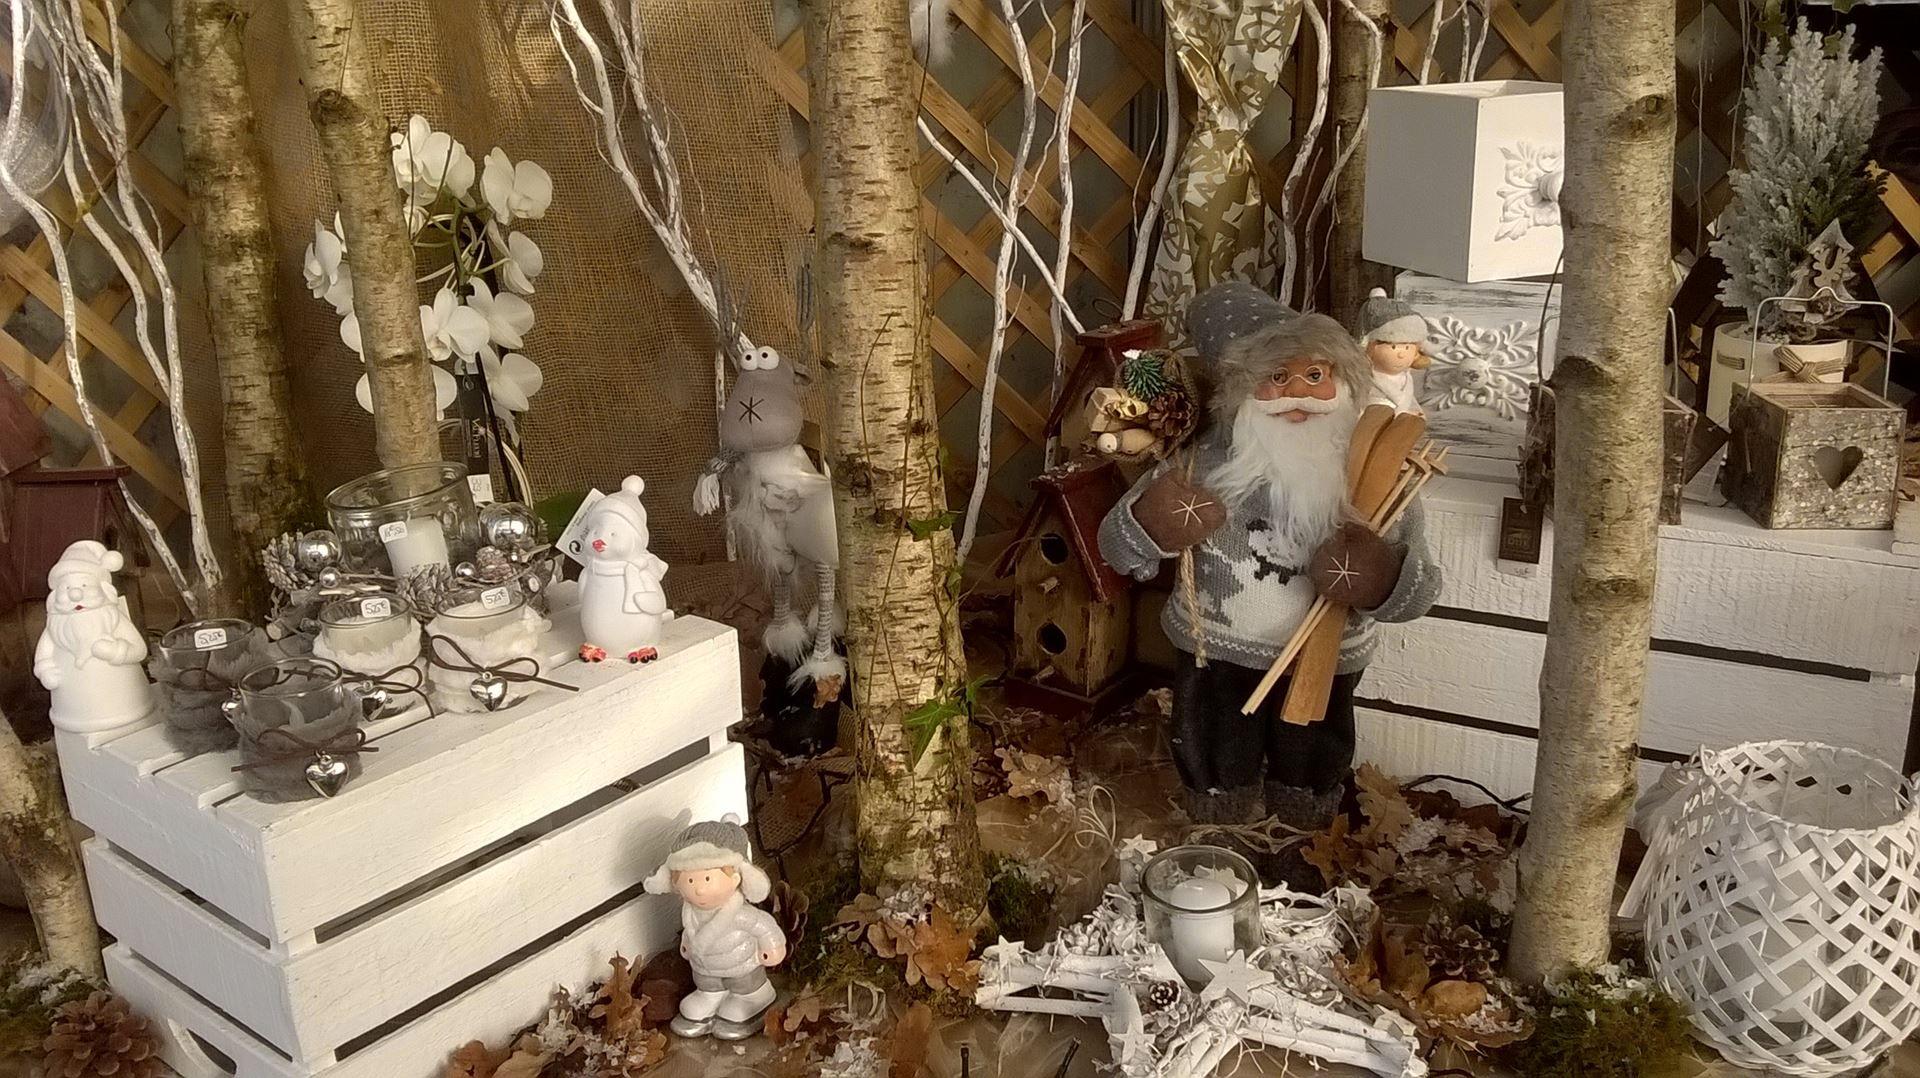 vitrine nature  Decoration noel, Deco noel, Vitrine noel